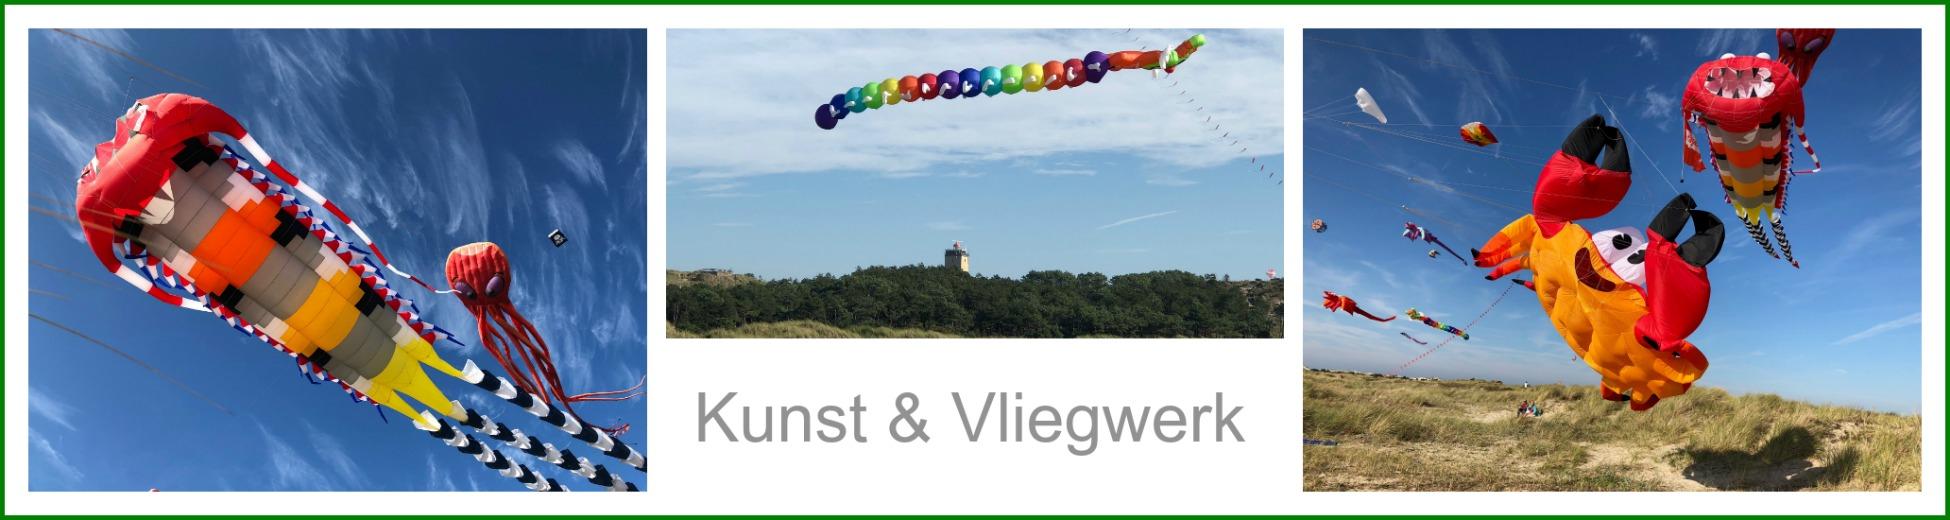 kunst en vliegwerk op Terschelling - Hallo Terschelling